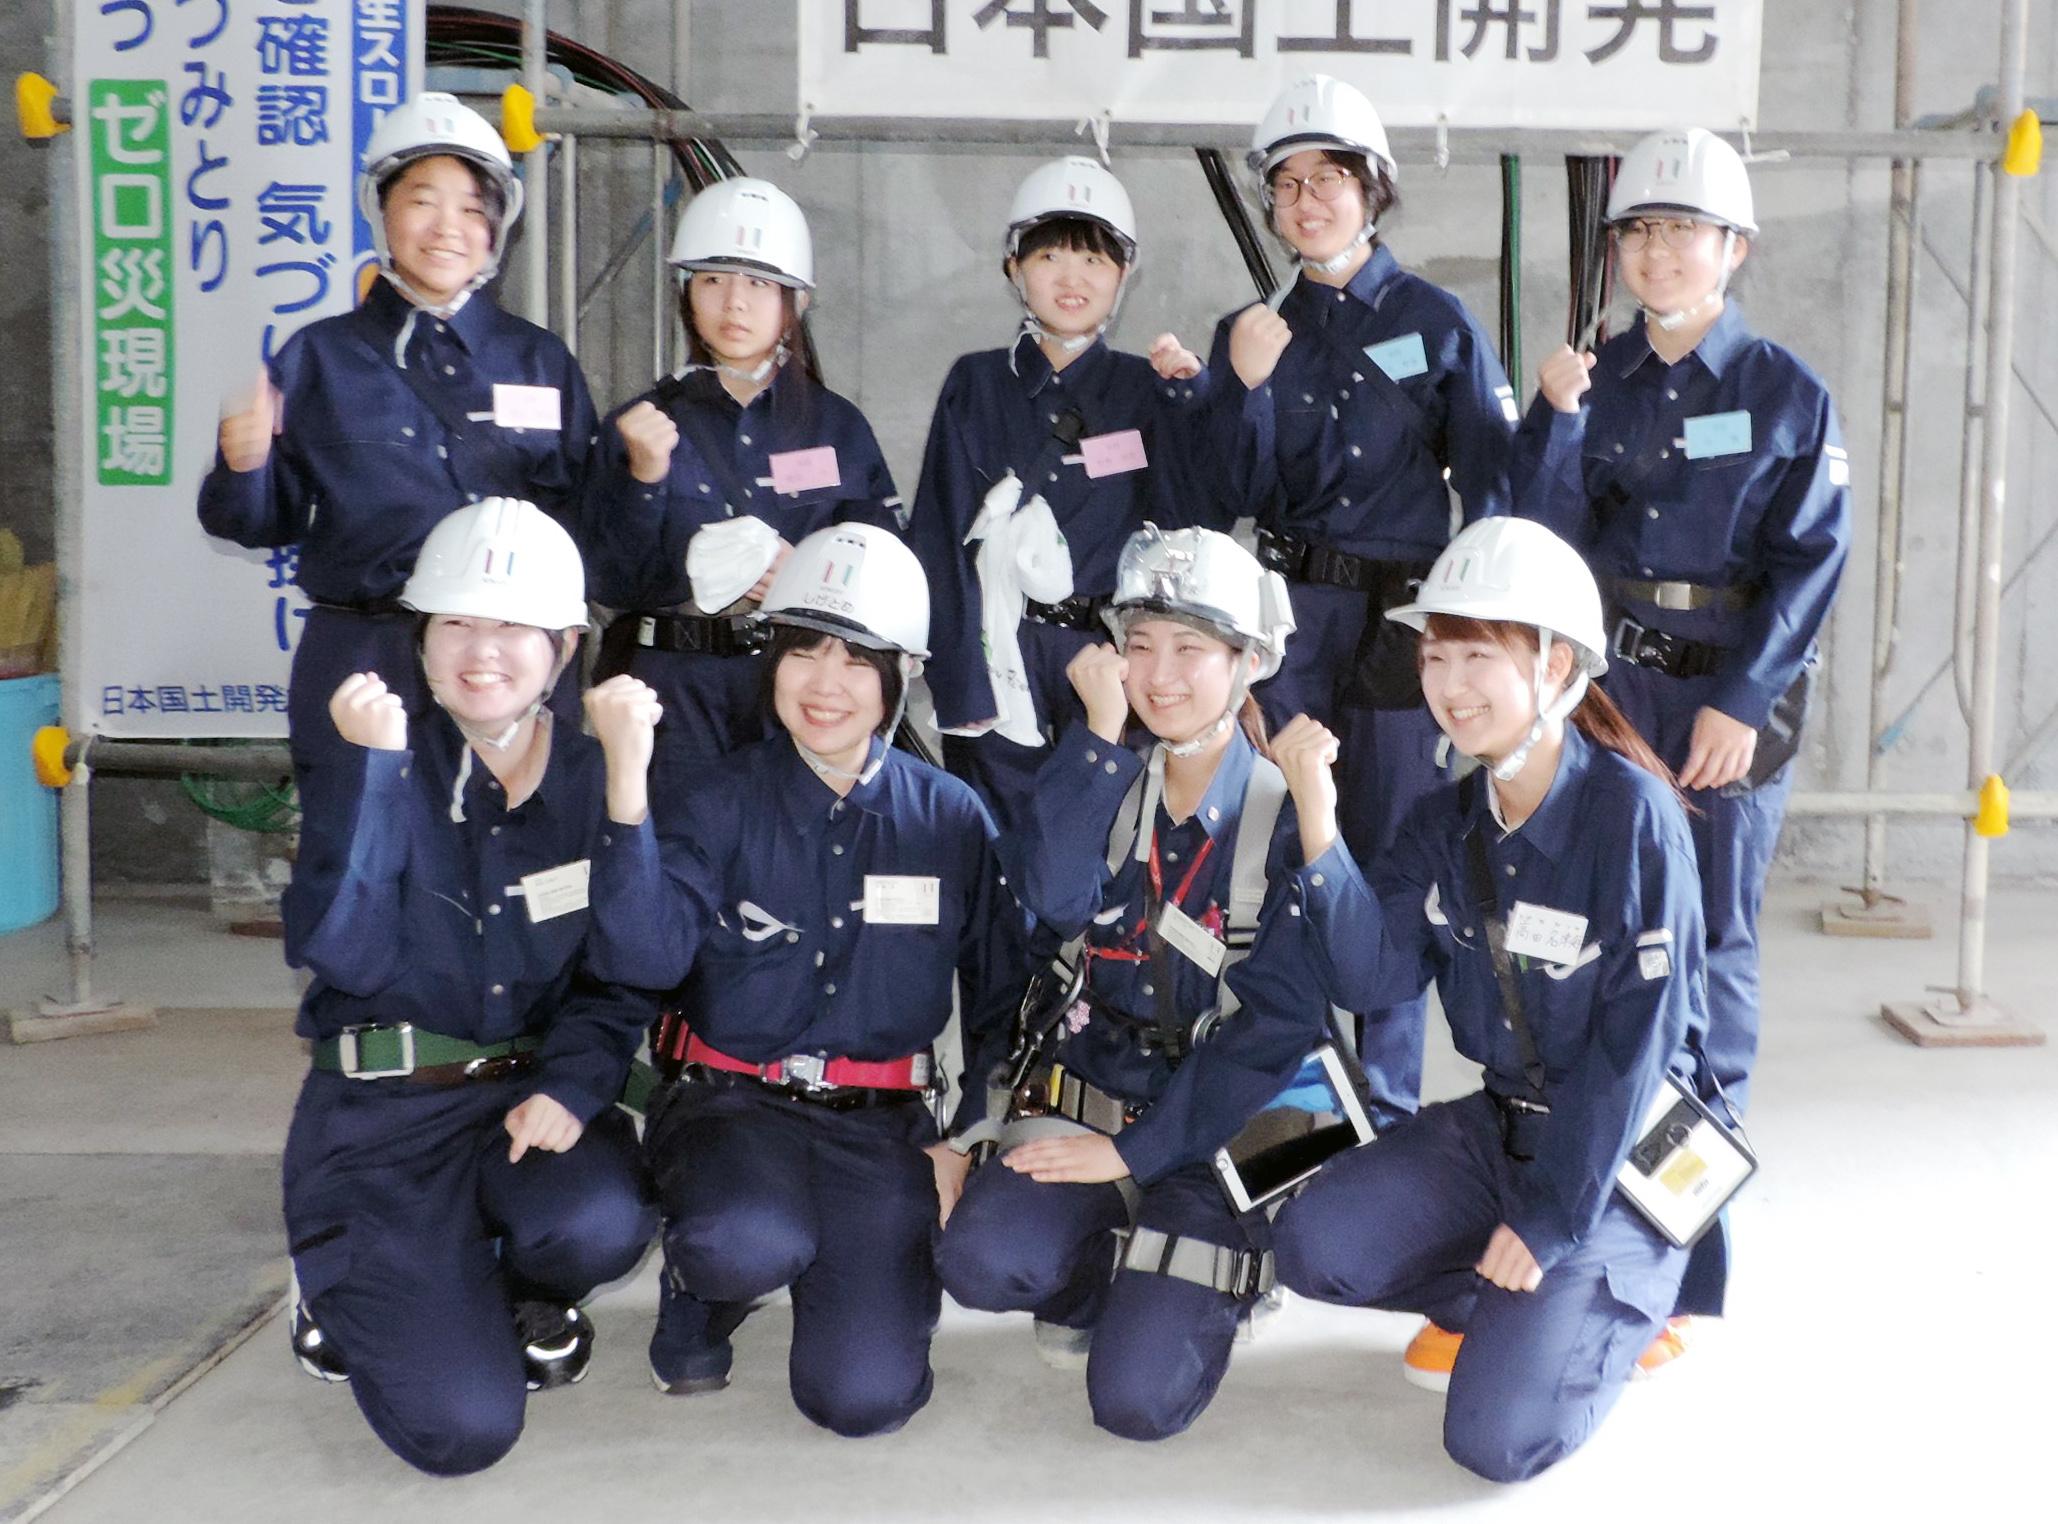 日本 国土 開発